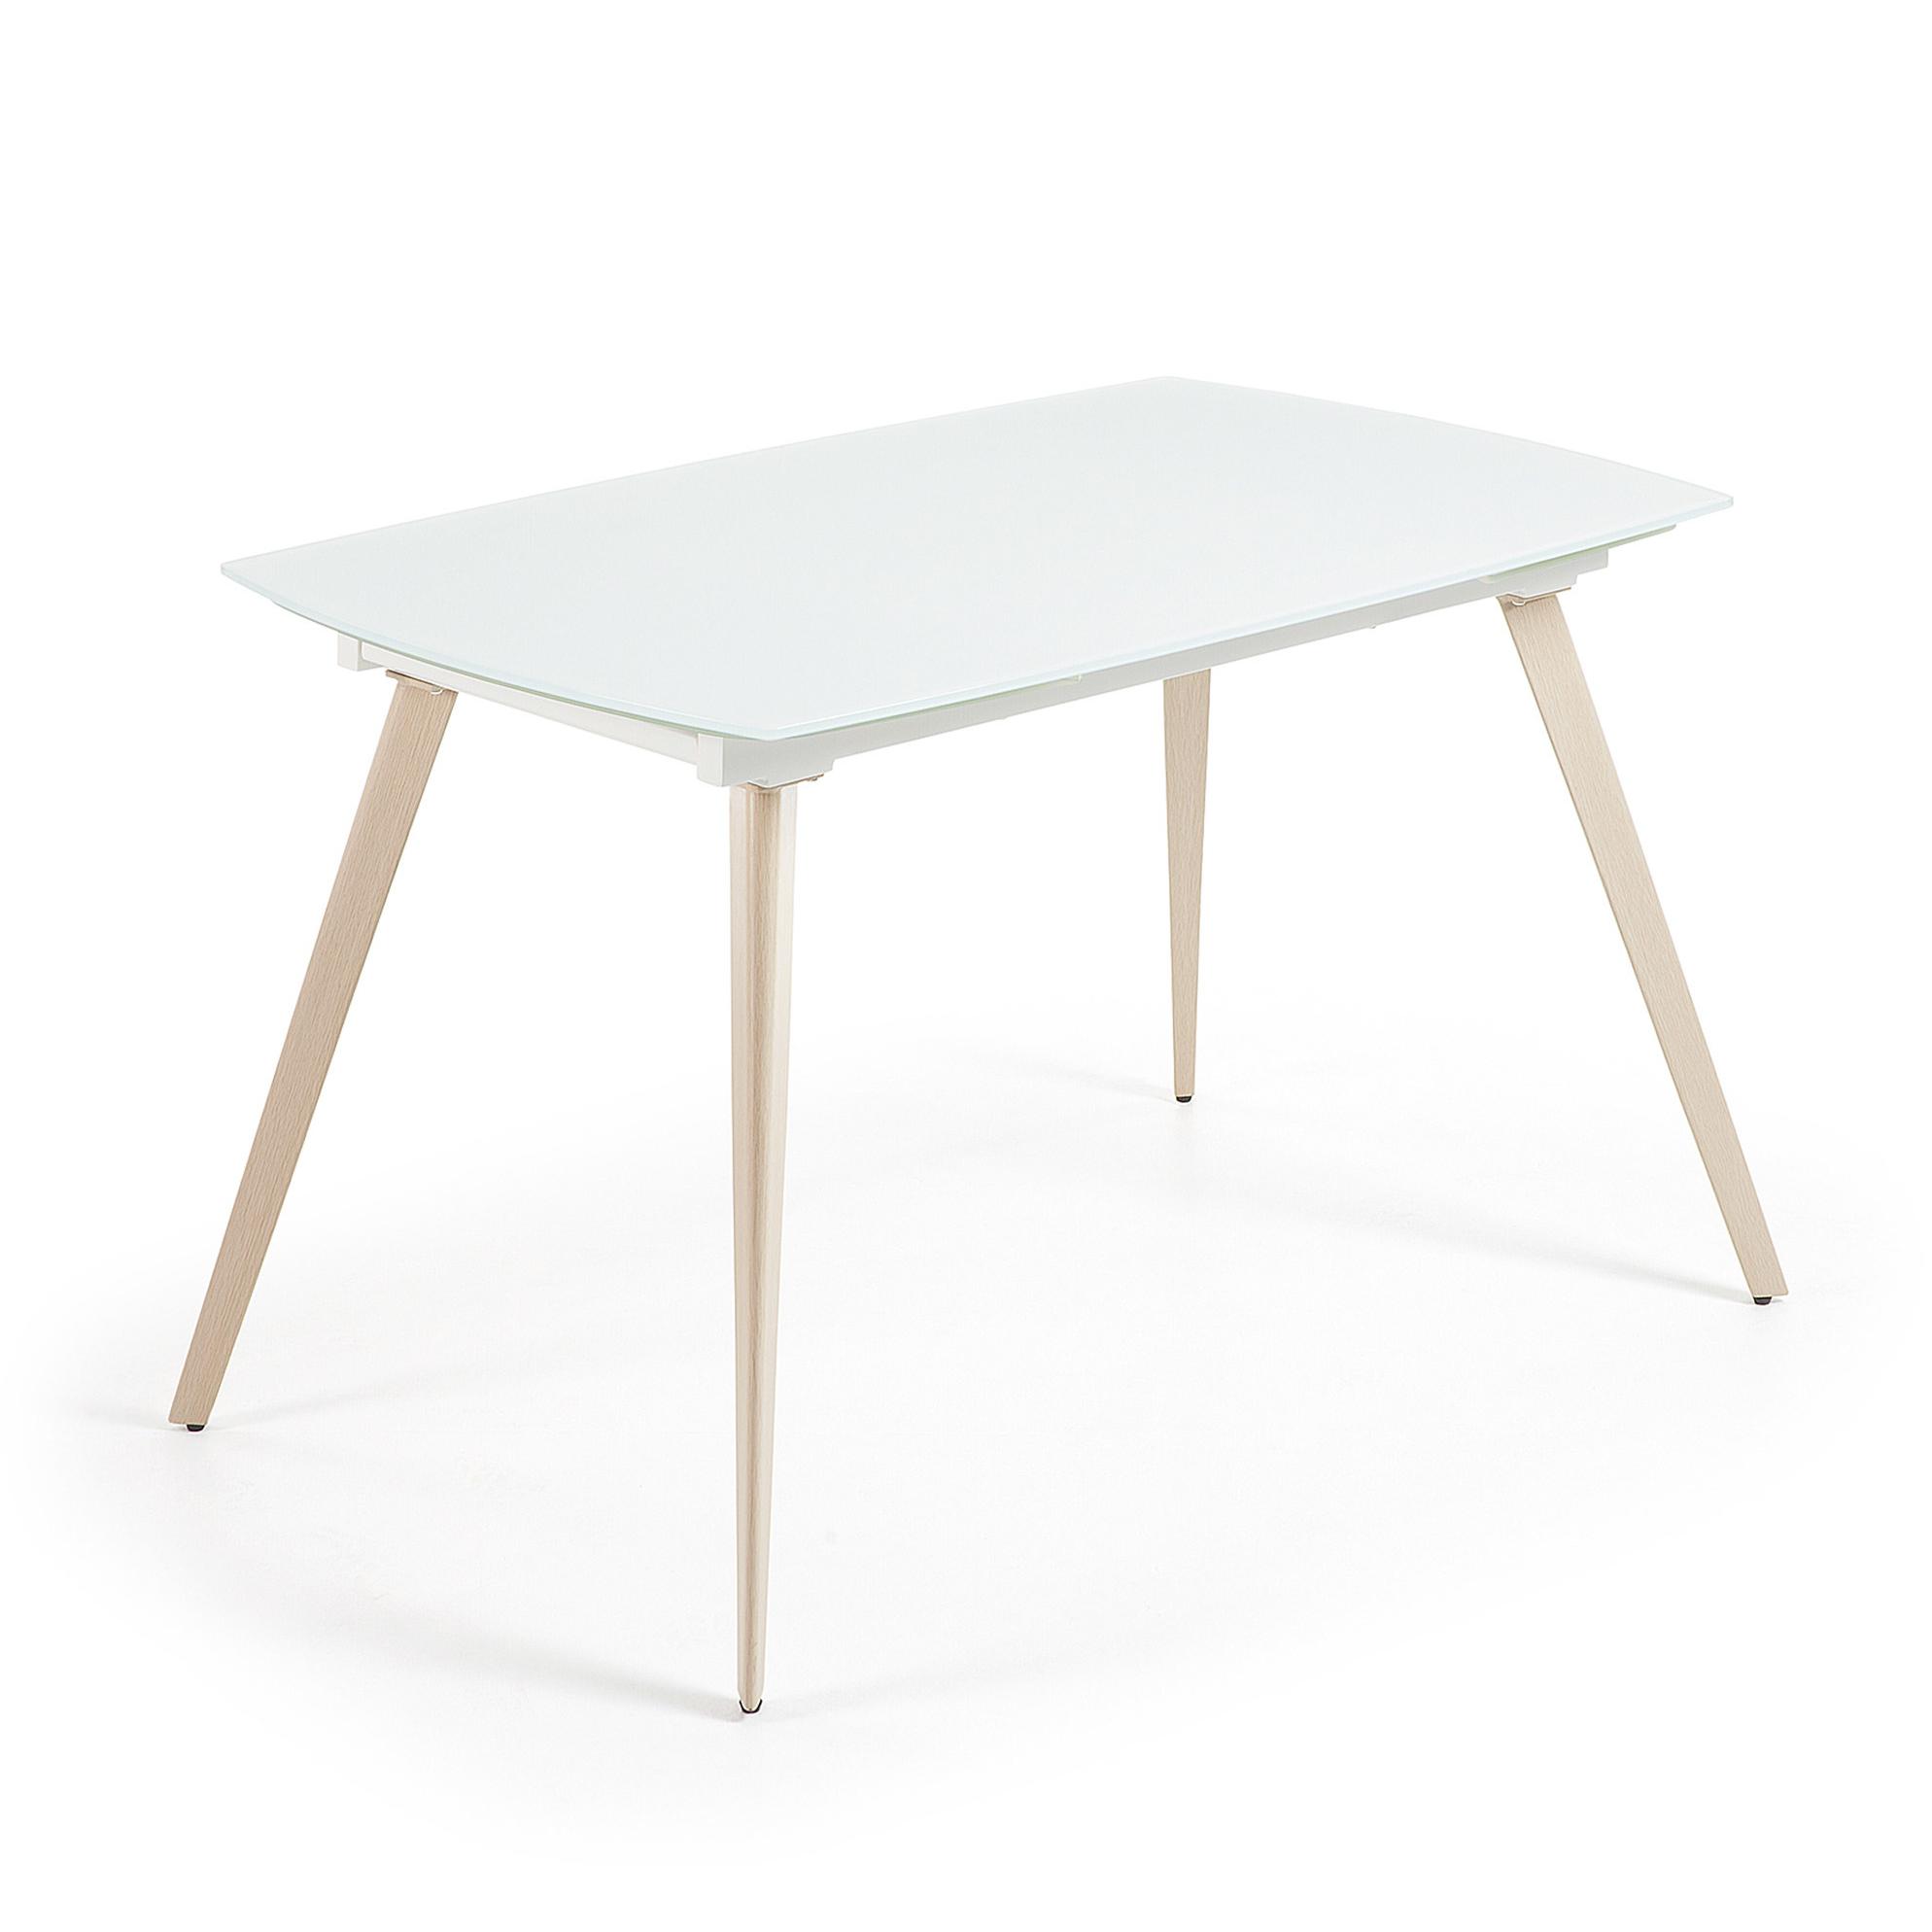 Kave Home Uitschuifbare Eettafel 'Smoth' 140 - 210cm, kleur wit